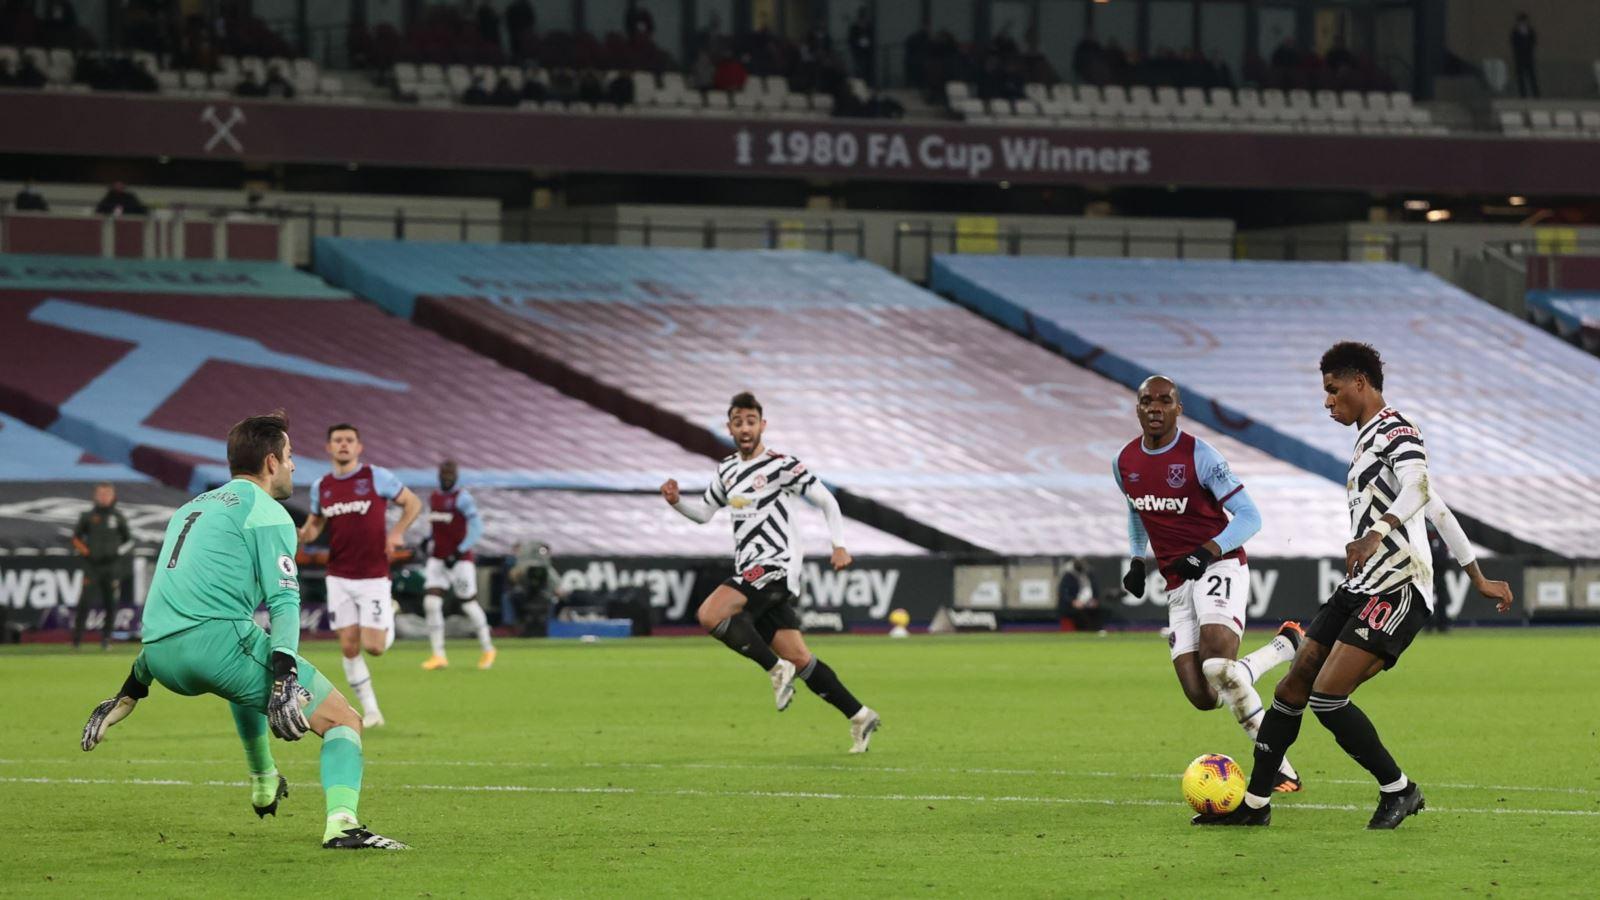 Kết quả West Ham 1-3 MU: Ngược dòng trong hiệp 2, 'Quỷ đỏ' giành 3 điểm trên sân khách